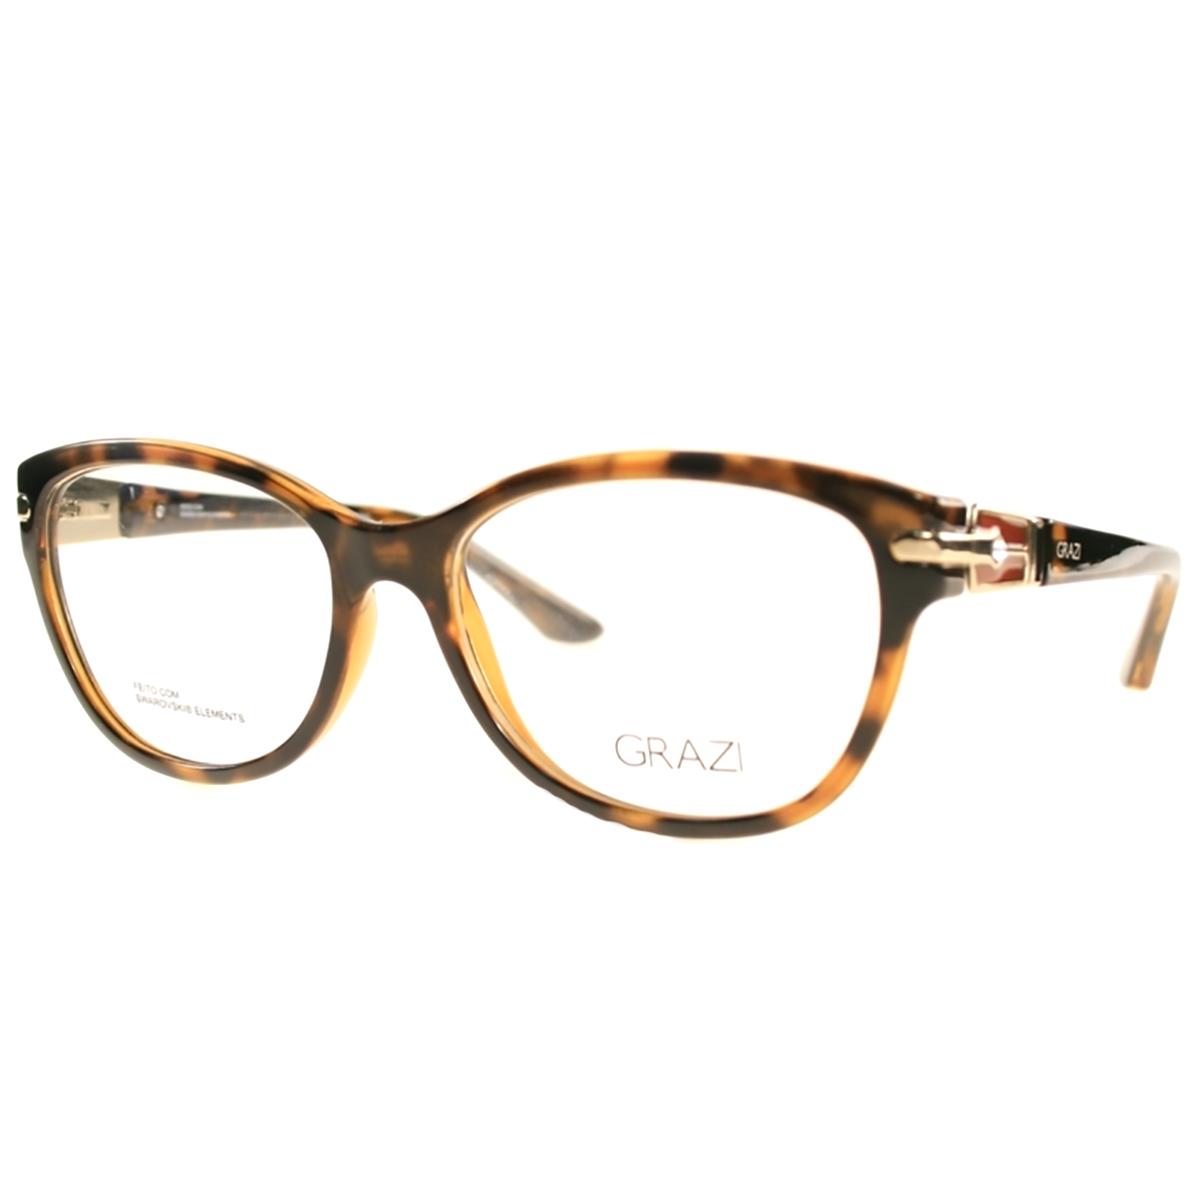 3e8885437 Compre Óculos de Grau Grazi Massafera em 10X | Tri-Jóia Shop